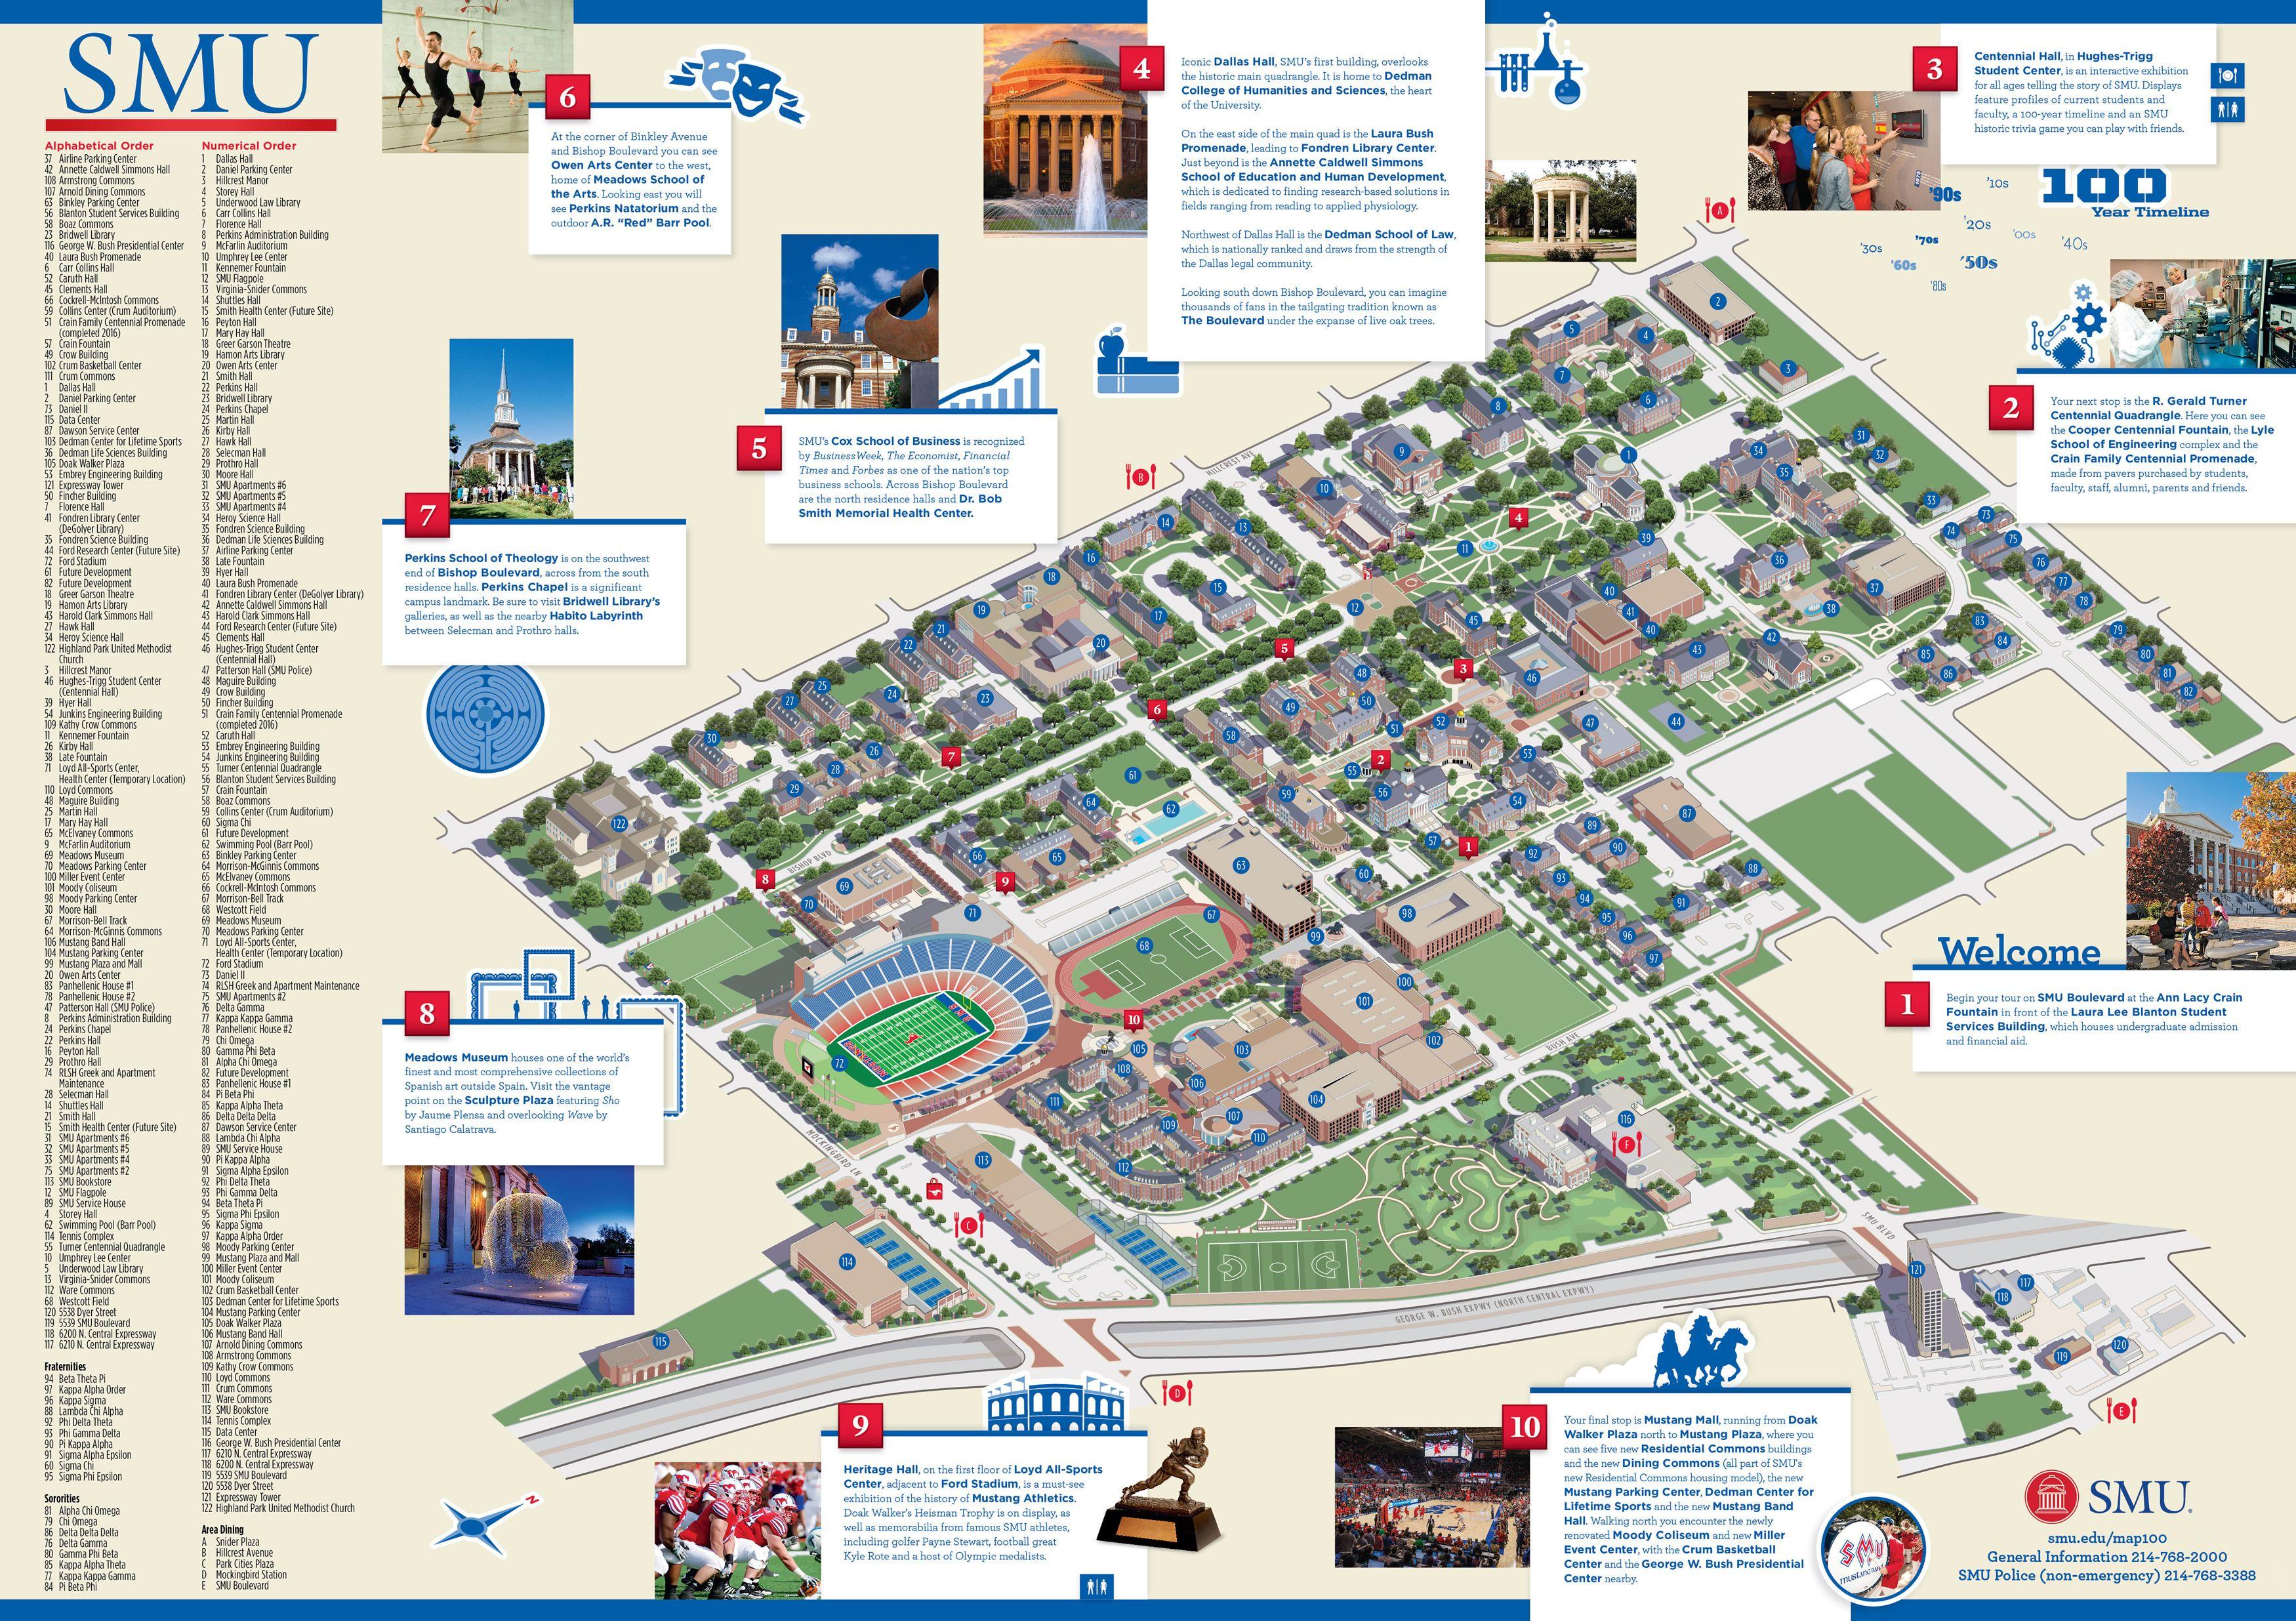 smu plano campus map Smu Centennial Map Texas History Smu Centennial